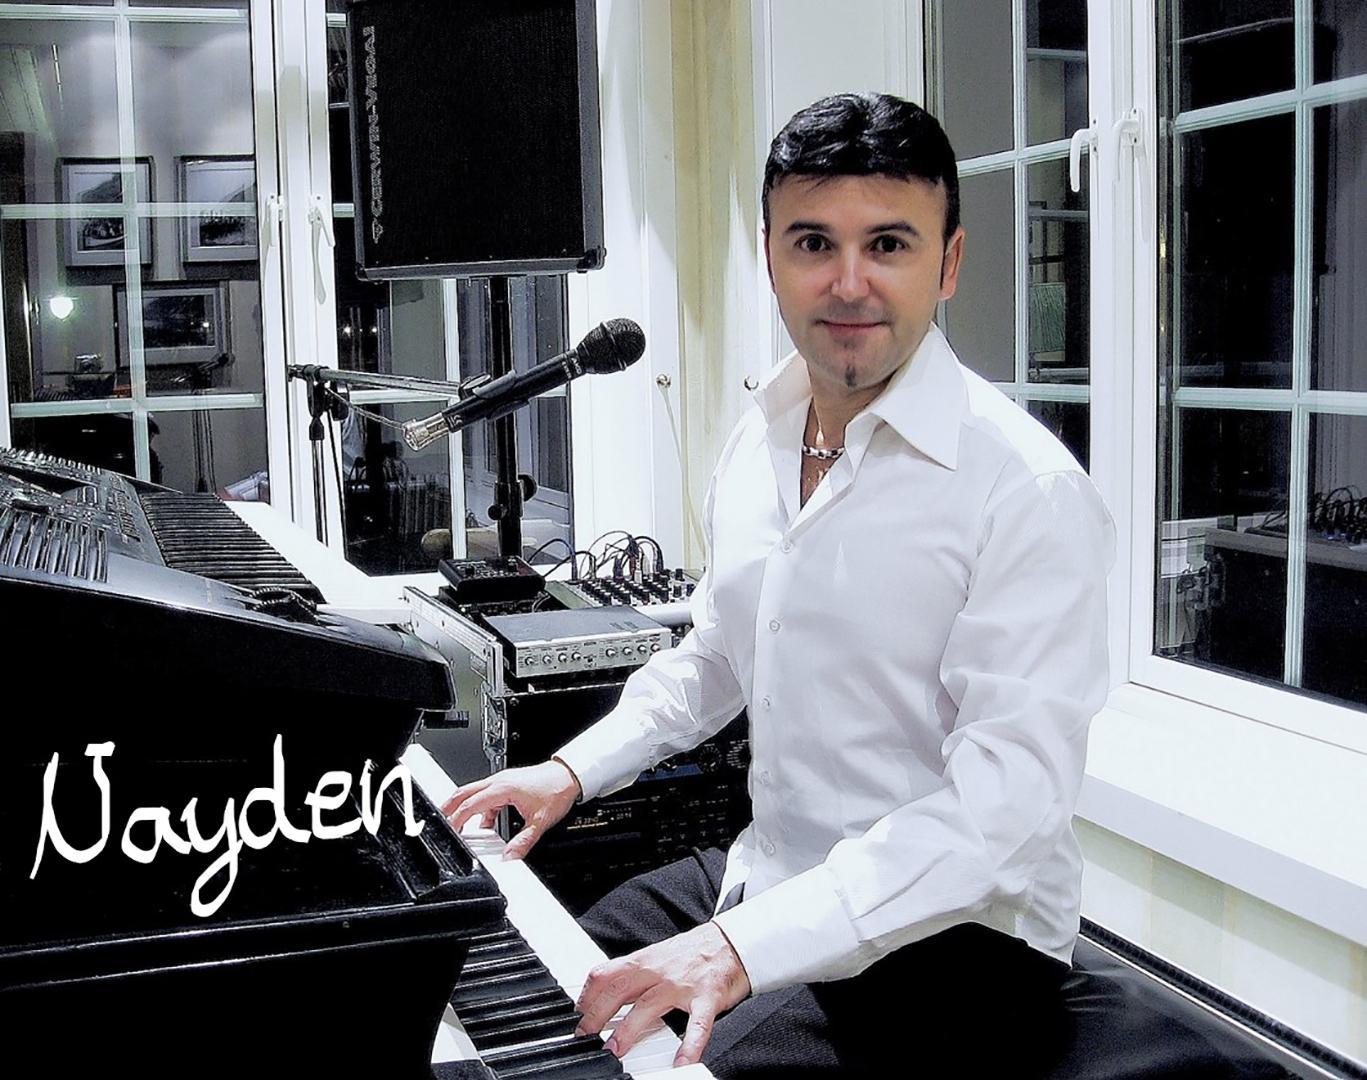 Alexandrov Nayden   PAN AGENCY